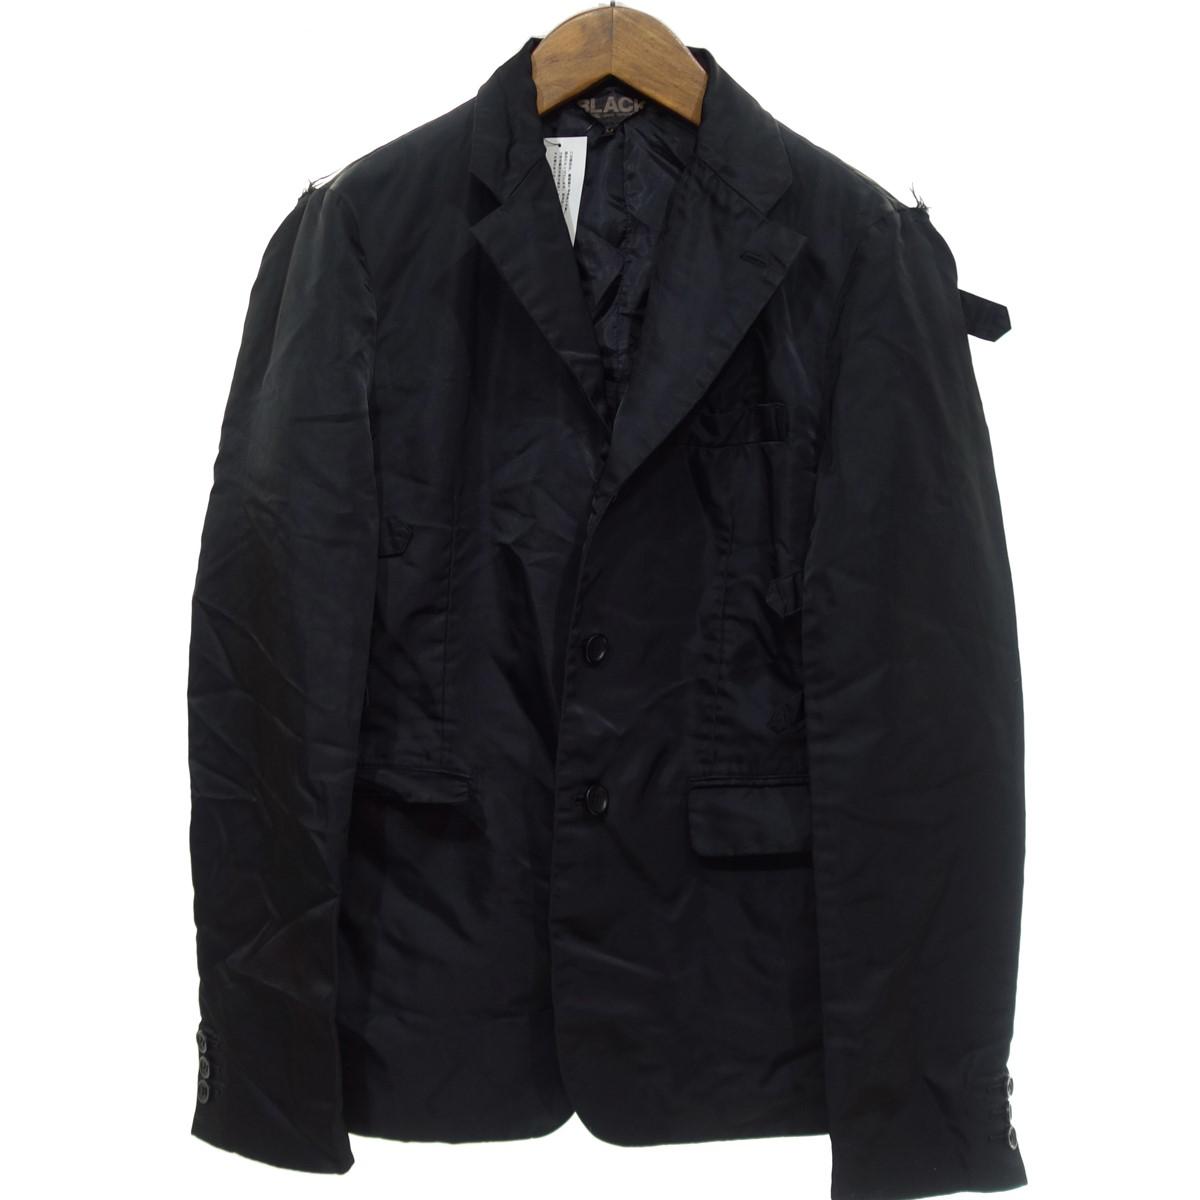 【中古】BLACK COMME des GARCONS【2017A/W】 デザイン テーラードジャケット ブラック サイズ:M 【4月6日見直し】